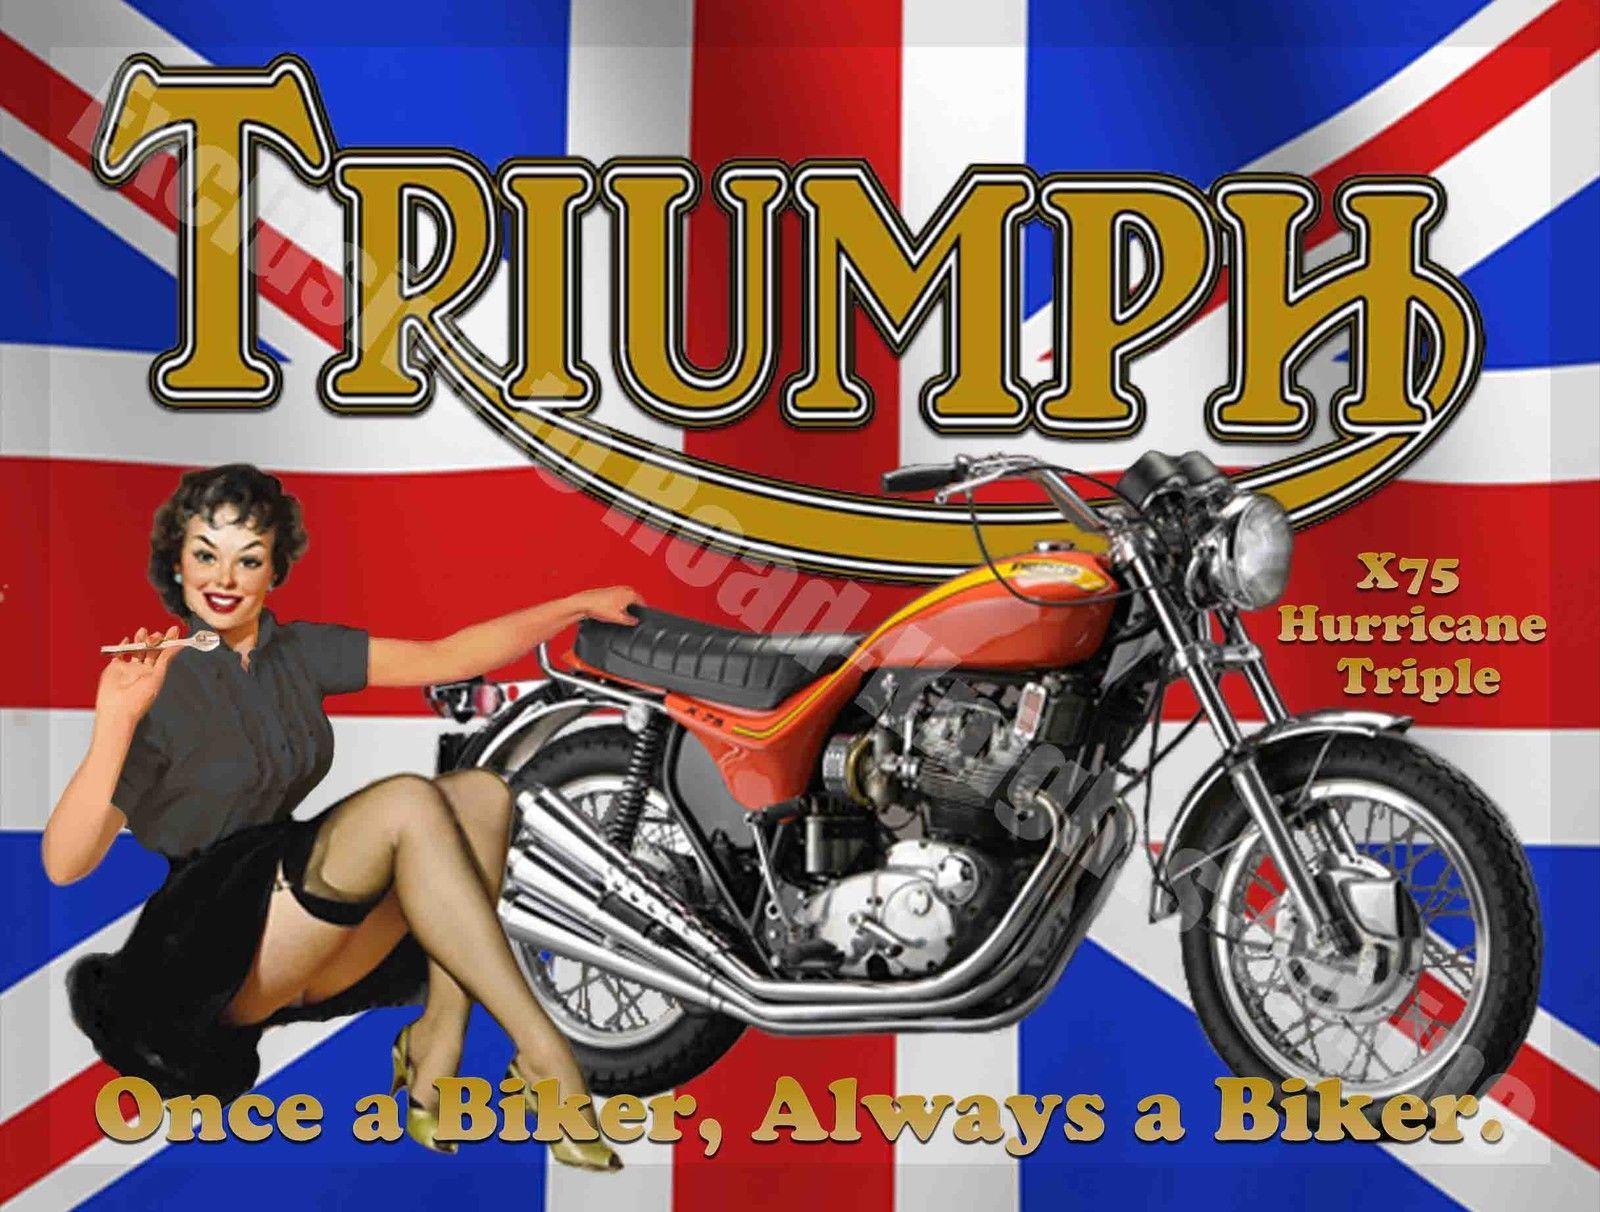 X75 Triple Motorcycle, Motorbike British Flag Pin up Girl